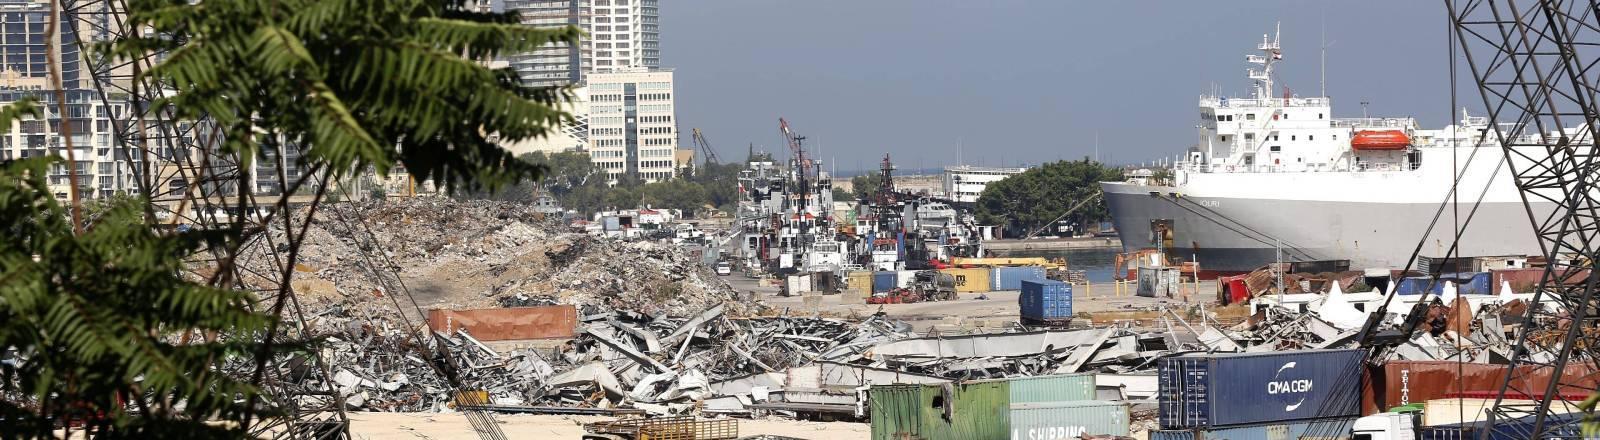 Container und Schutt am Hafen von Beirut mit einem Wolkenkratzer im Hintergrund